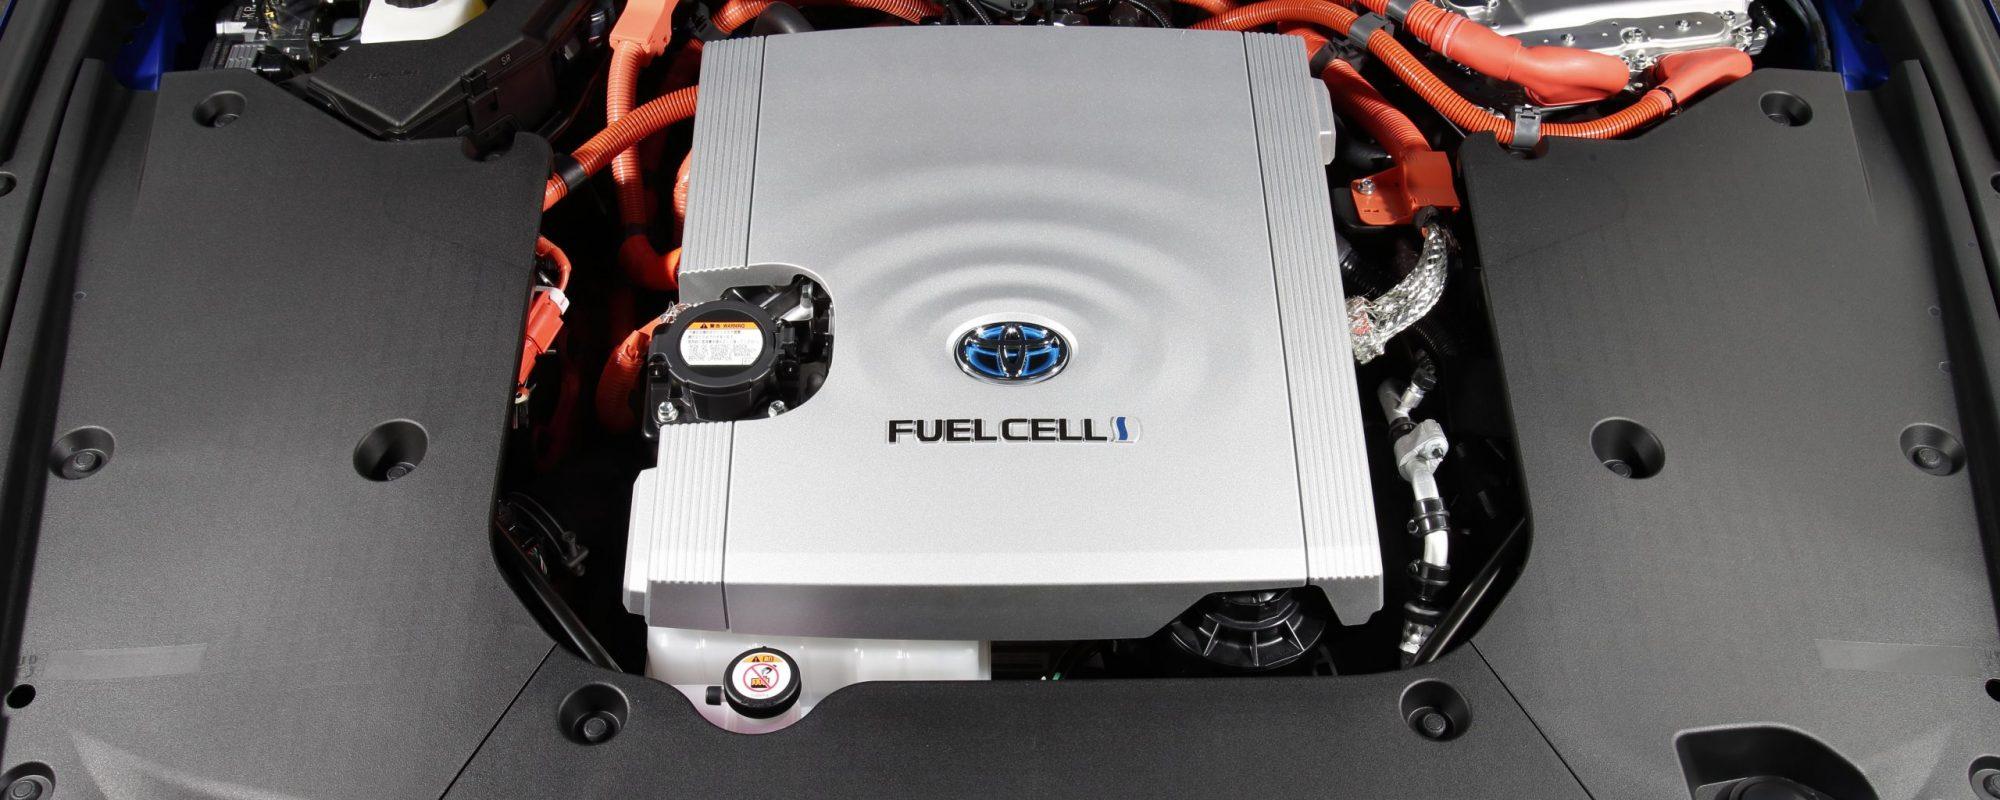 Toyota richt Europese divisie voor snellere ontwikkeling van waterstof op